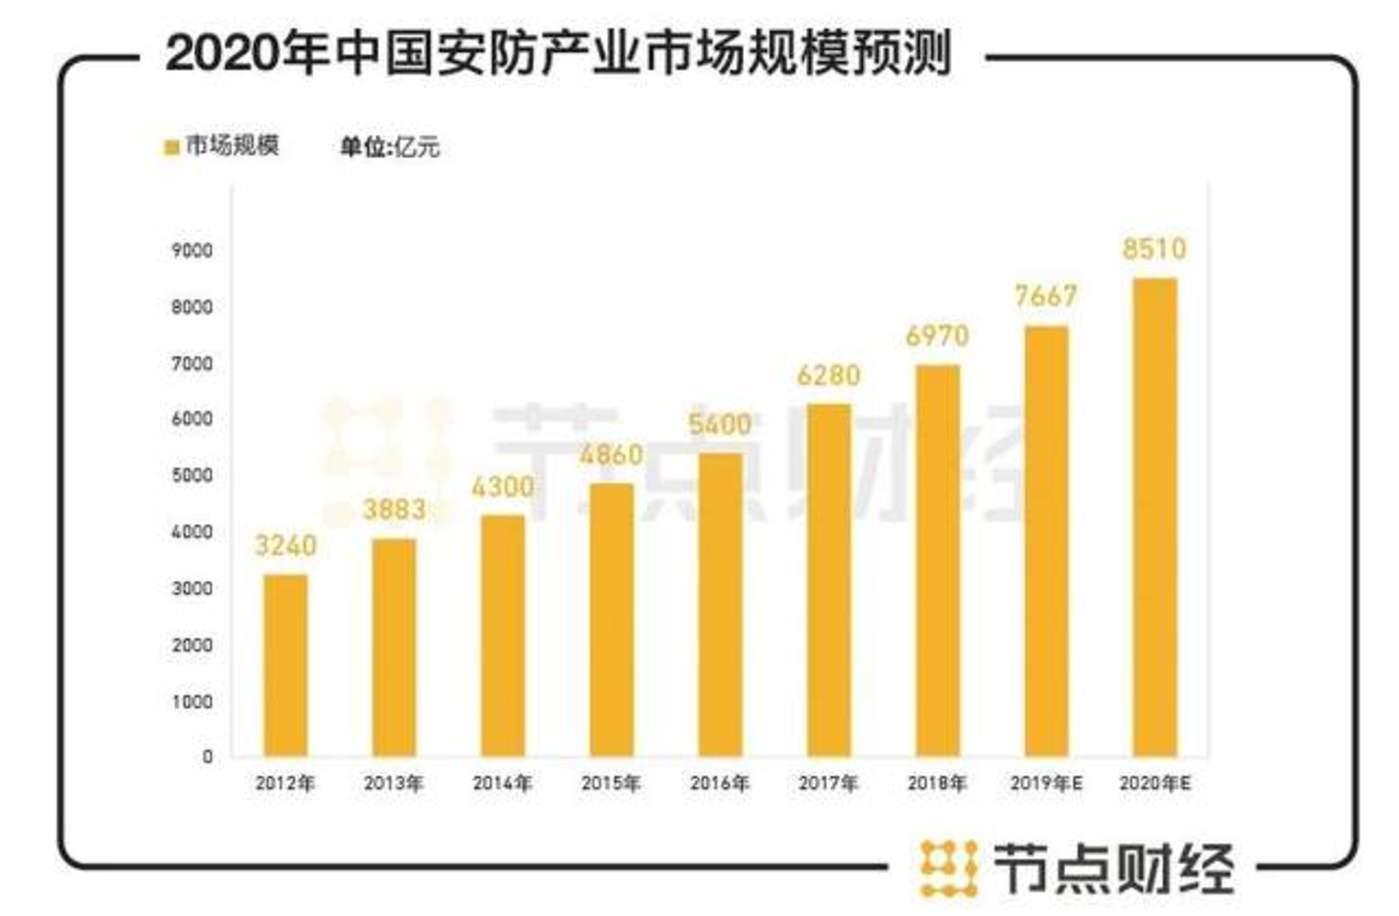 图源:中国产业信息网